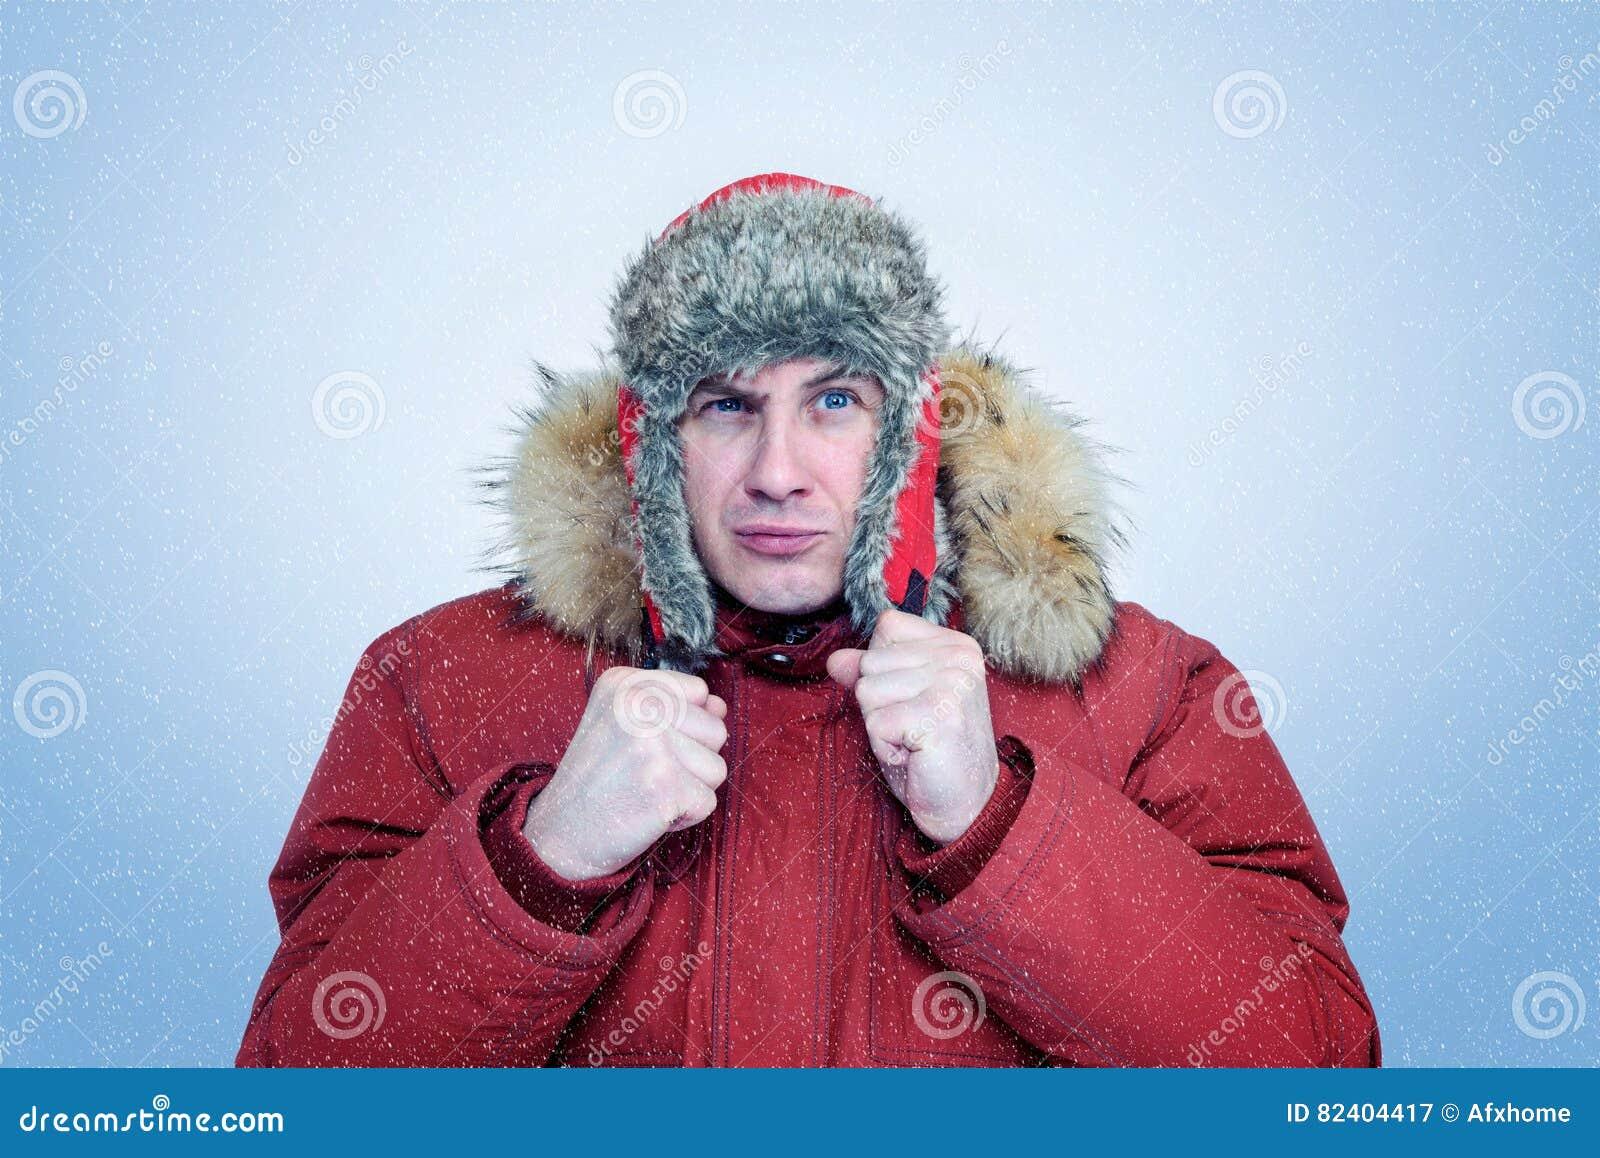 Luomo congelato nellinverno copre le orecchie di riscaldamento il